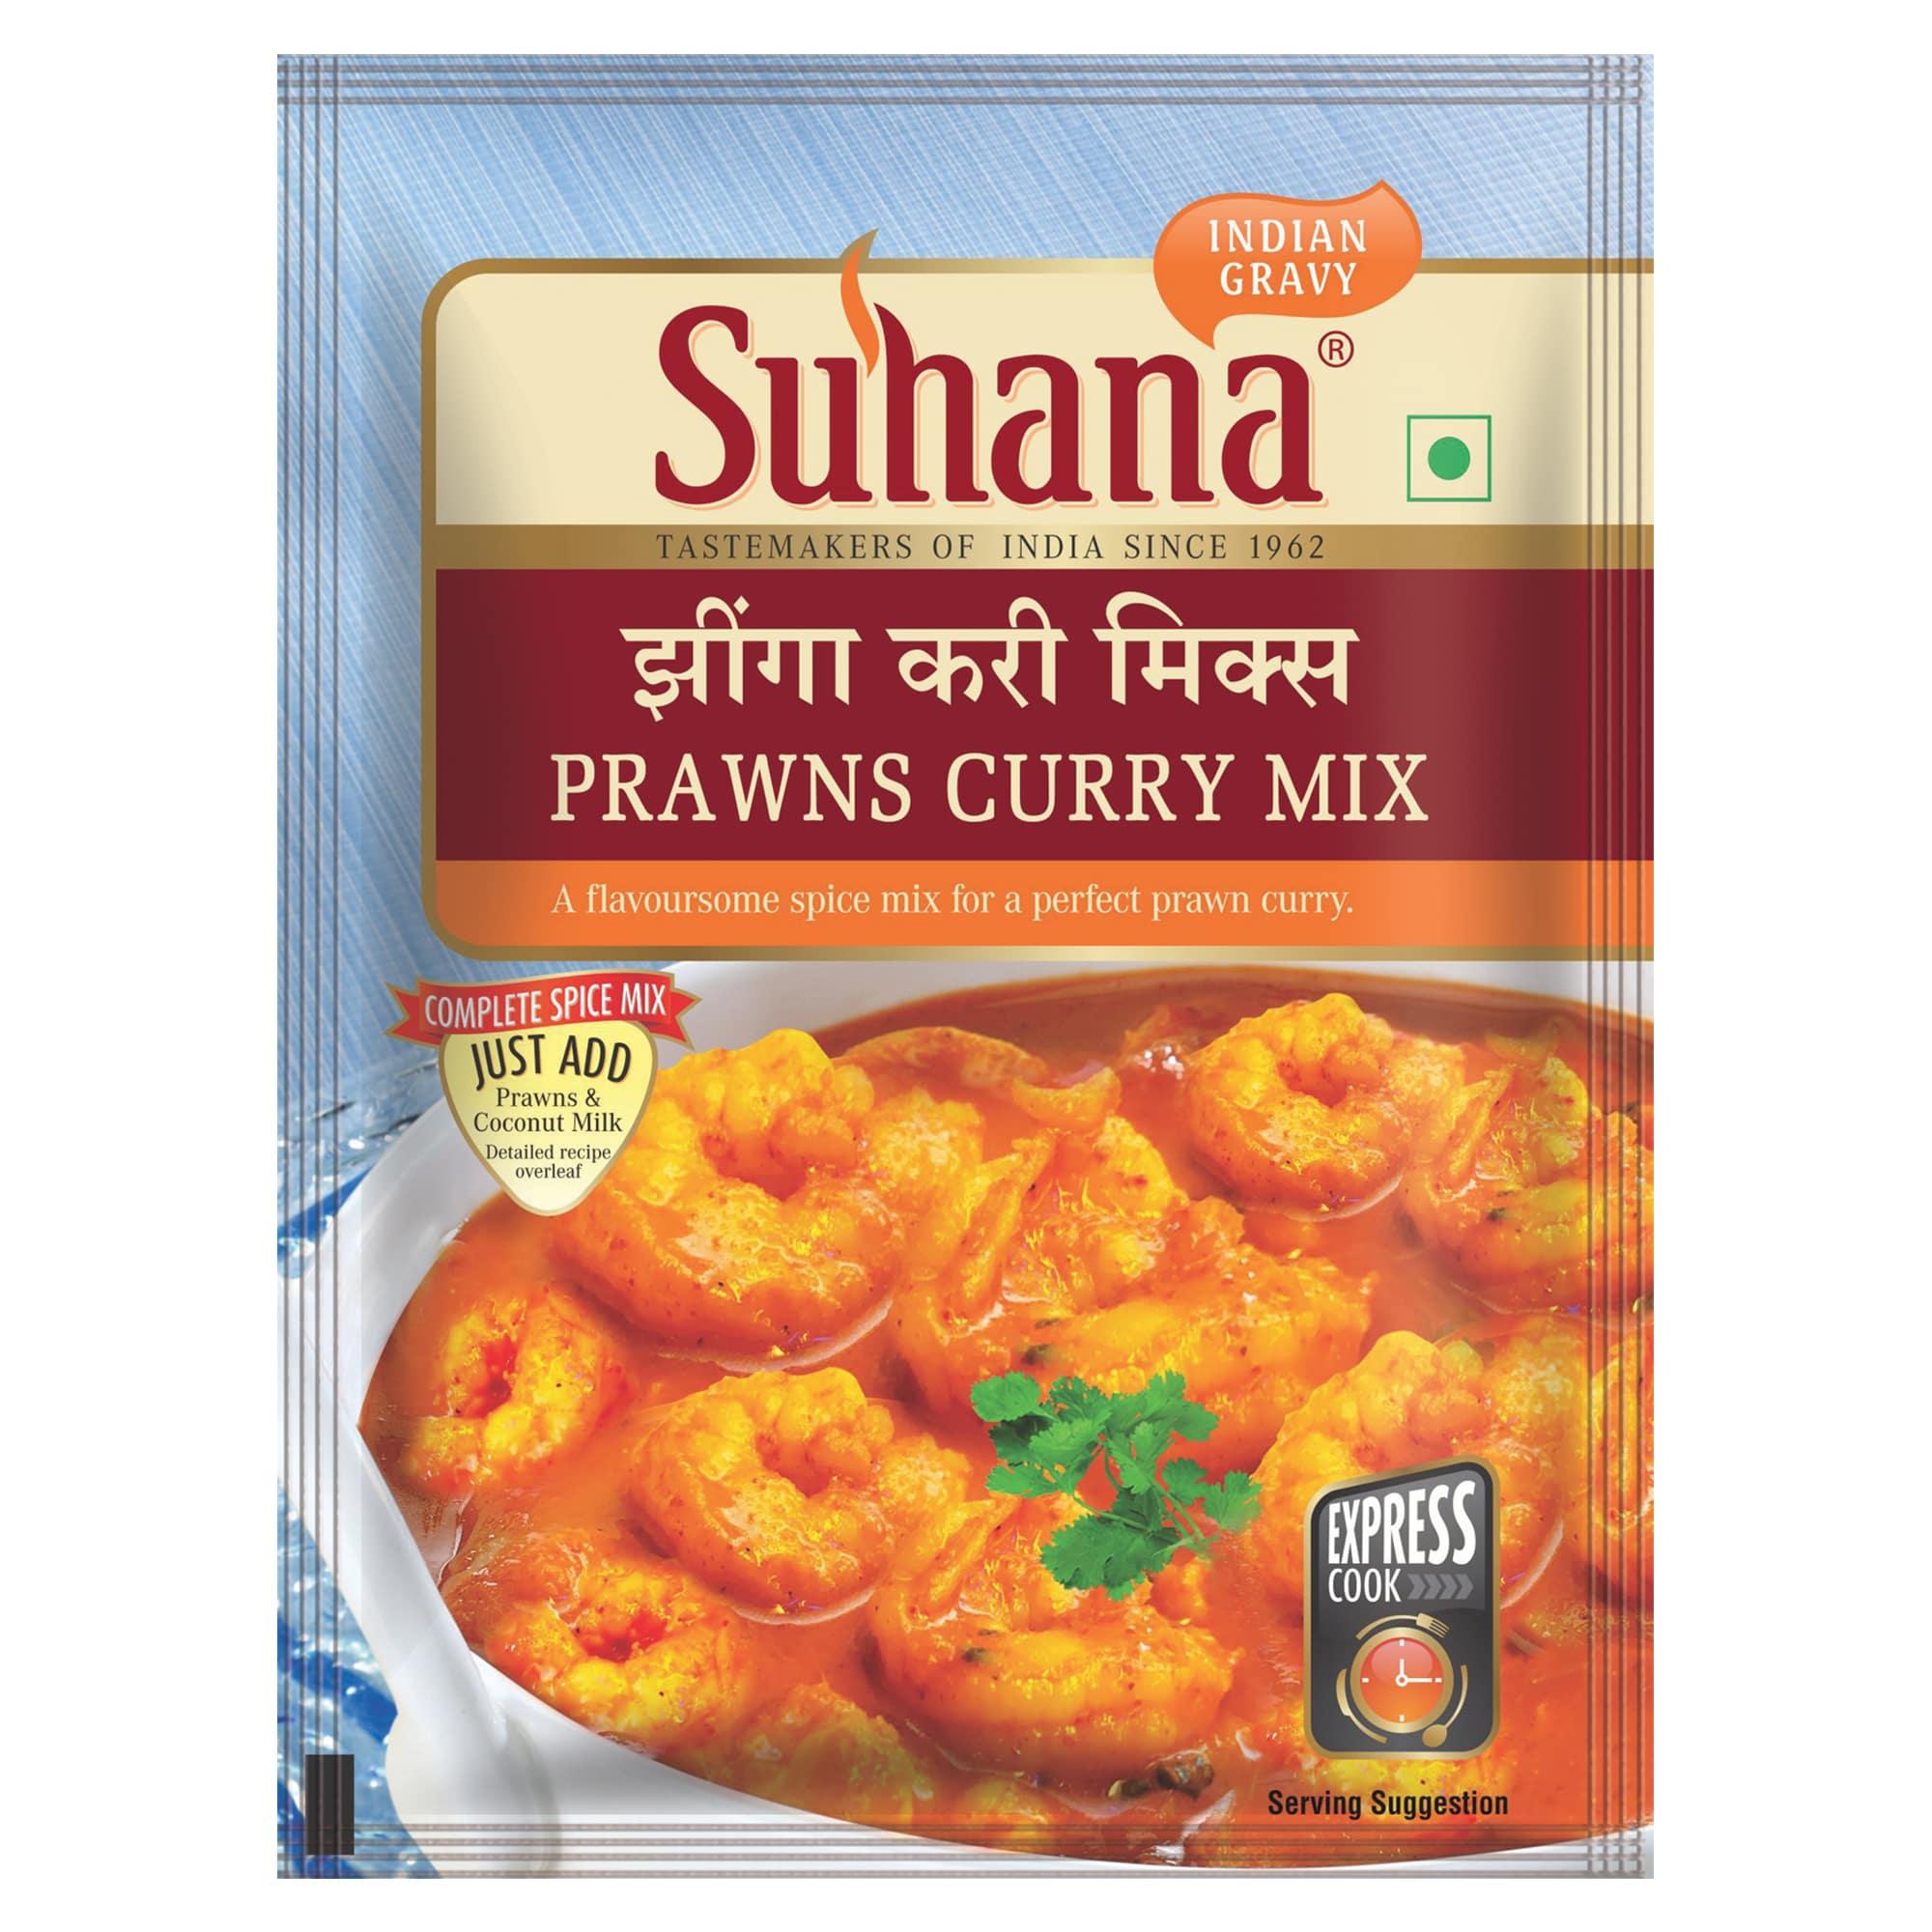 Suhana Prawn Curry Spice Mix 50 g